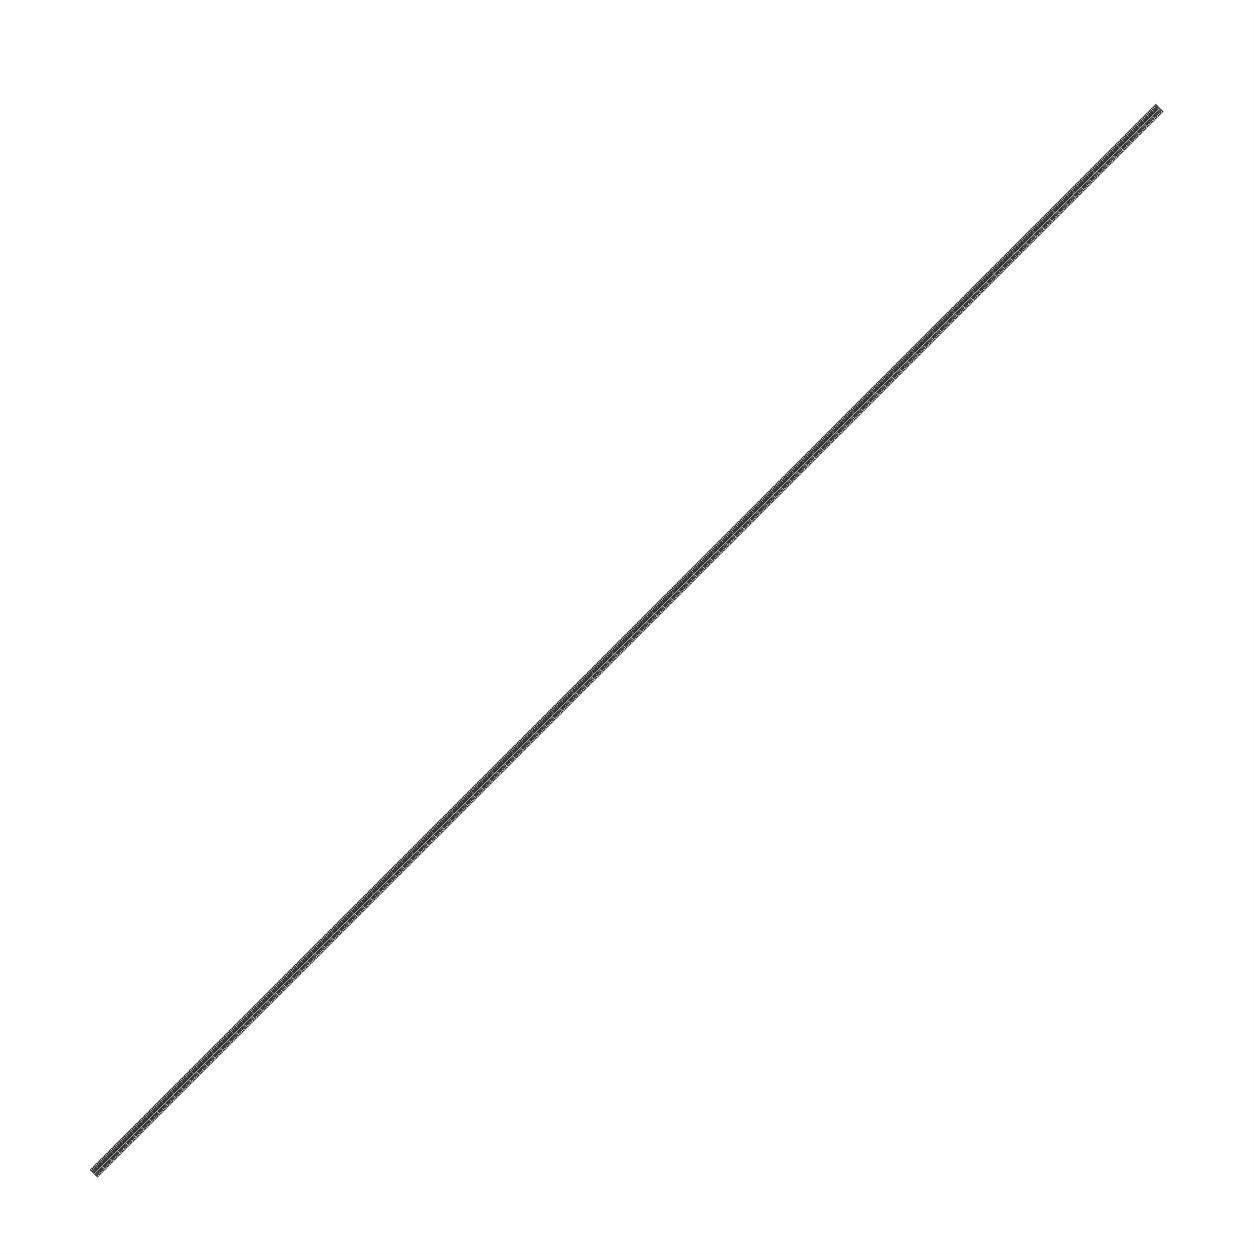 Fita Métrica Adesiva 135cm (Numeração Normal - Esquerda para Direita)